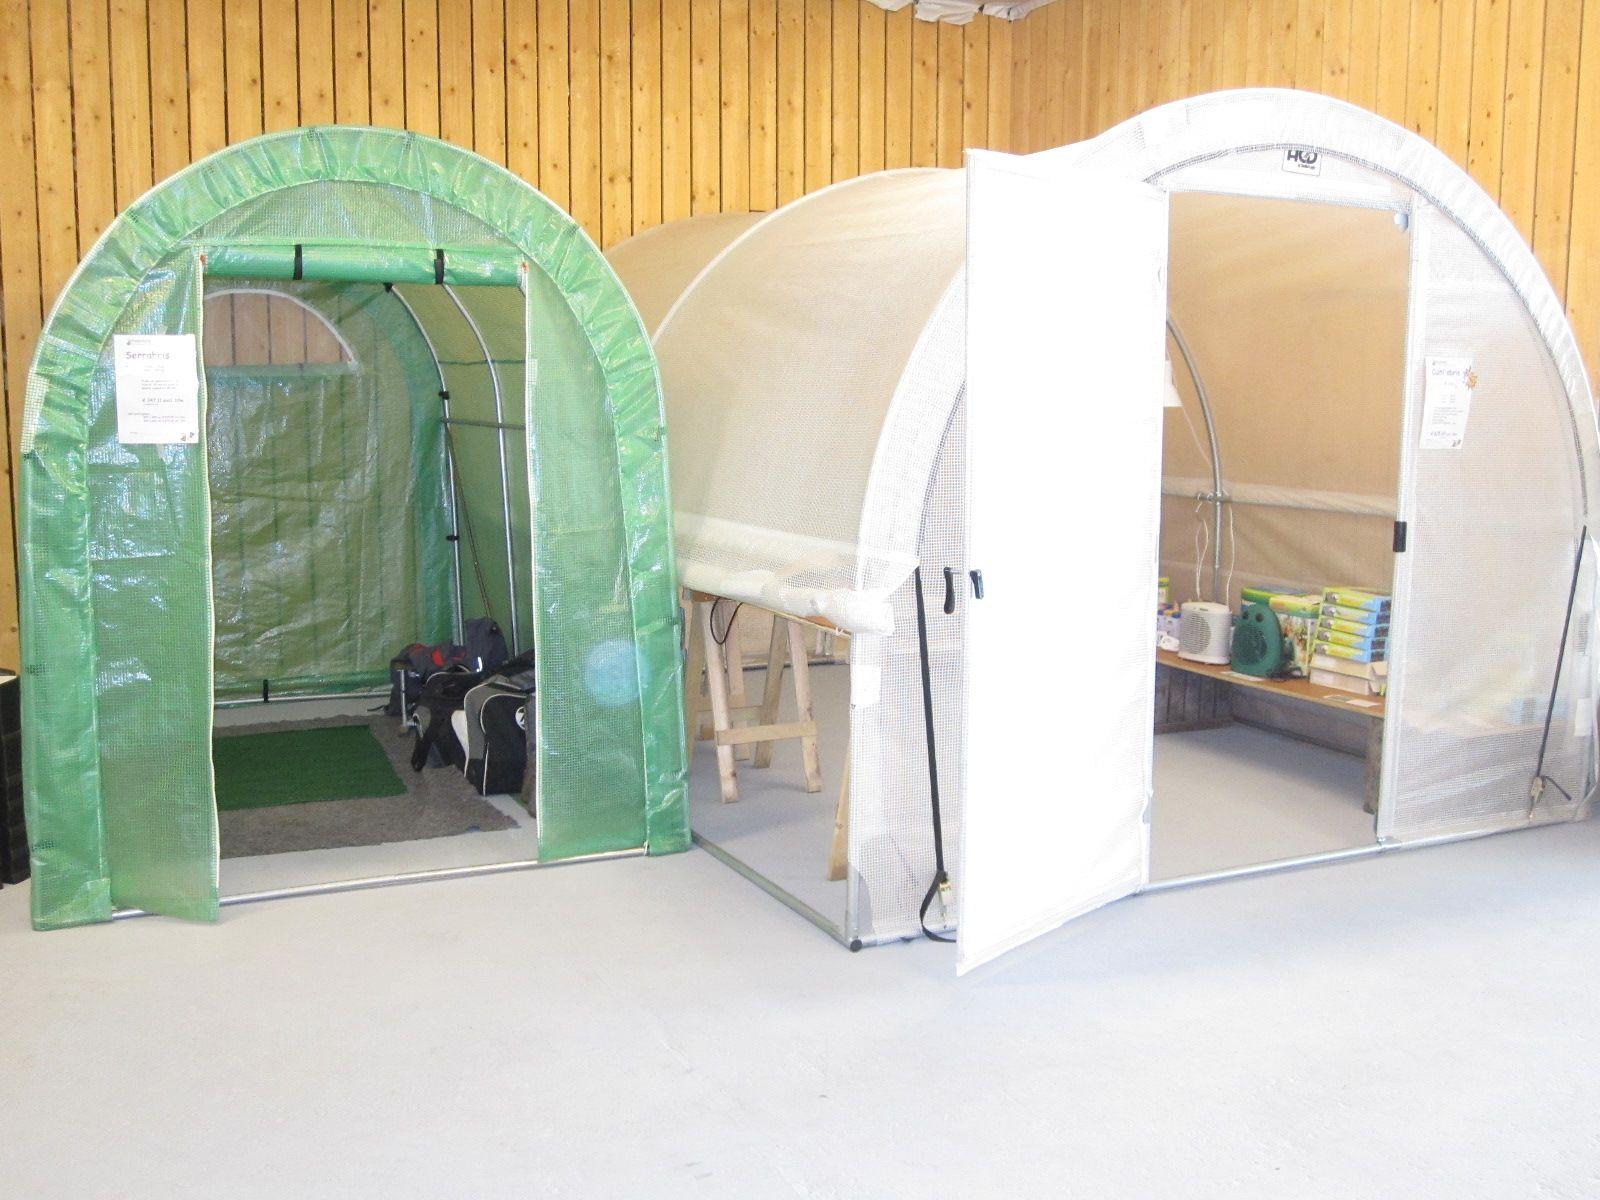 Foliekassen. Serrabris 2 x 3 m en de Culti'abris luxe. 3 x4 m.http://www.hazenbergtuinkassen.nl/product-details/standaard/acd-serrabris-200-cm-breed/b13g1c29o1350/